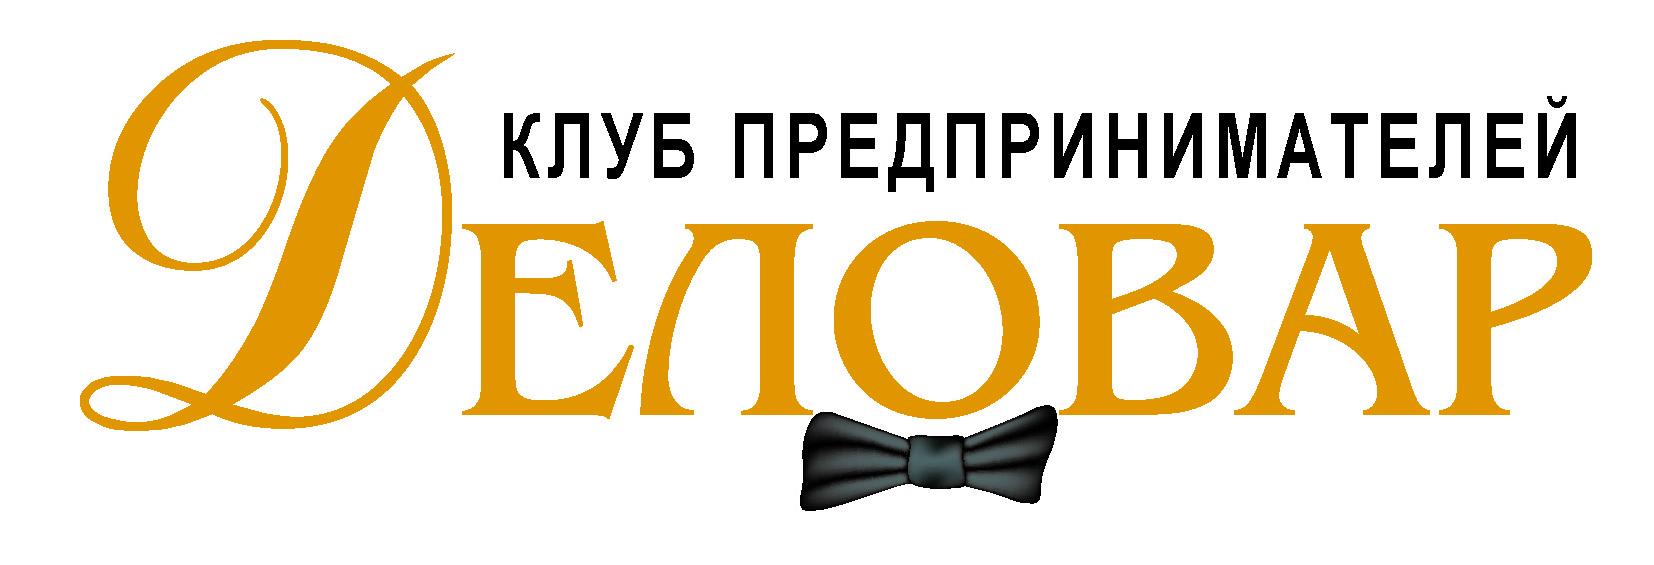 """Логотип и фирм. стиль для Клуба предпринимателей """"Деловар"""" фото f_5045b53686d7e.jpg"""